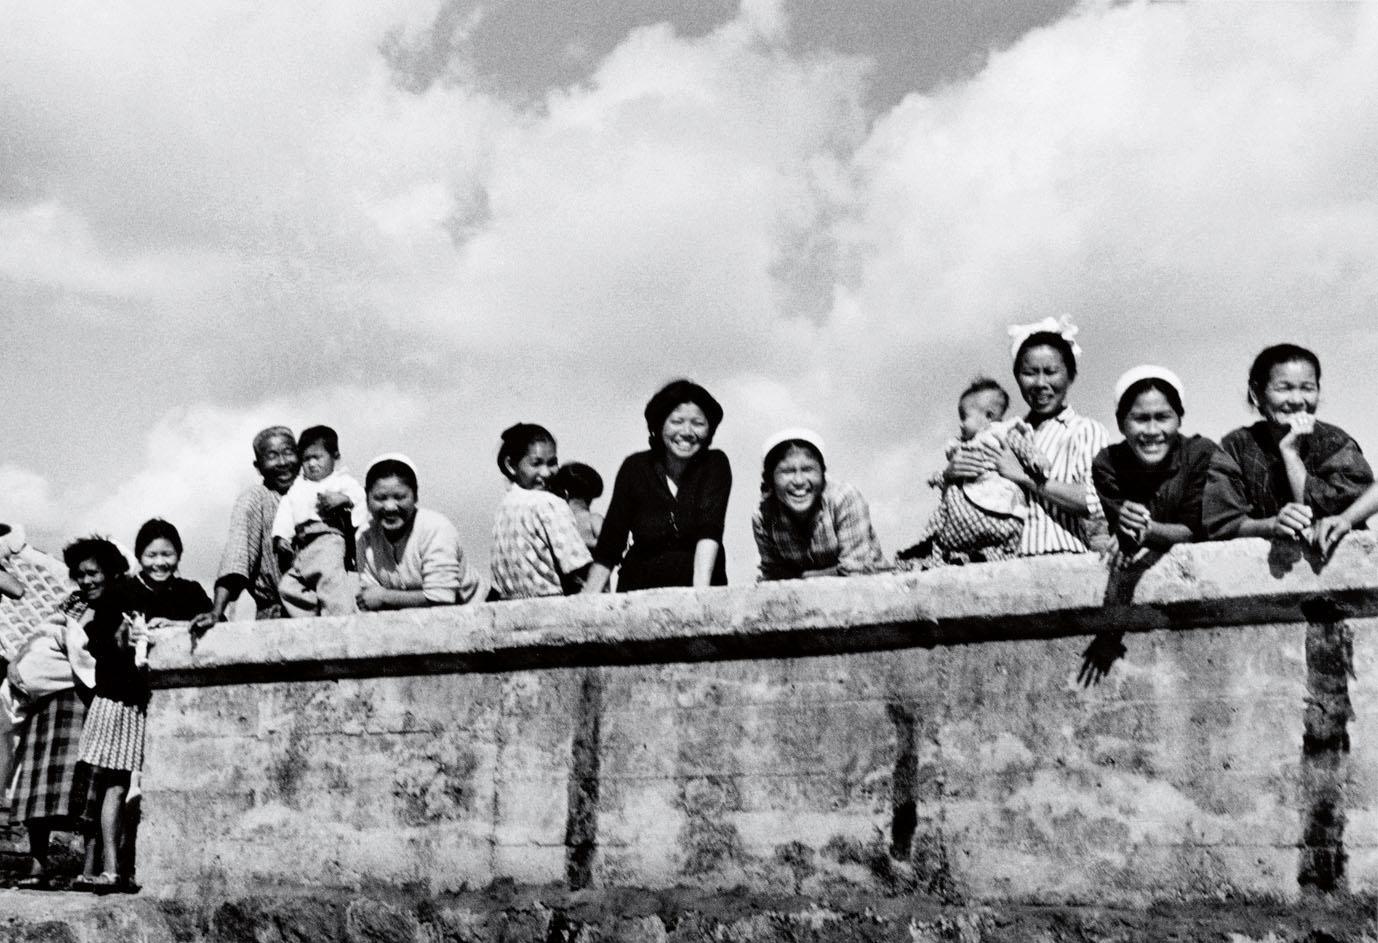 川崎市岡本太郎美術館 企画展「岡本太郎の写真-採集と思考のはざまに」